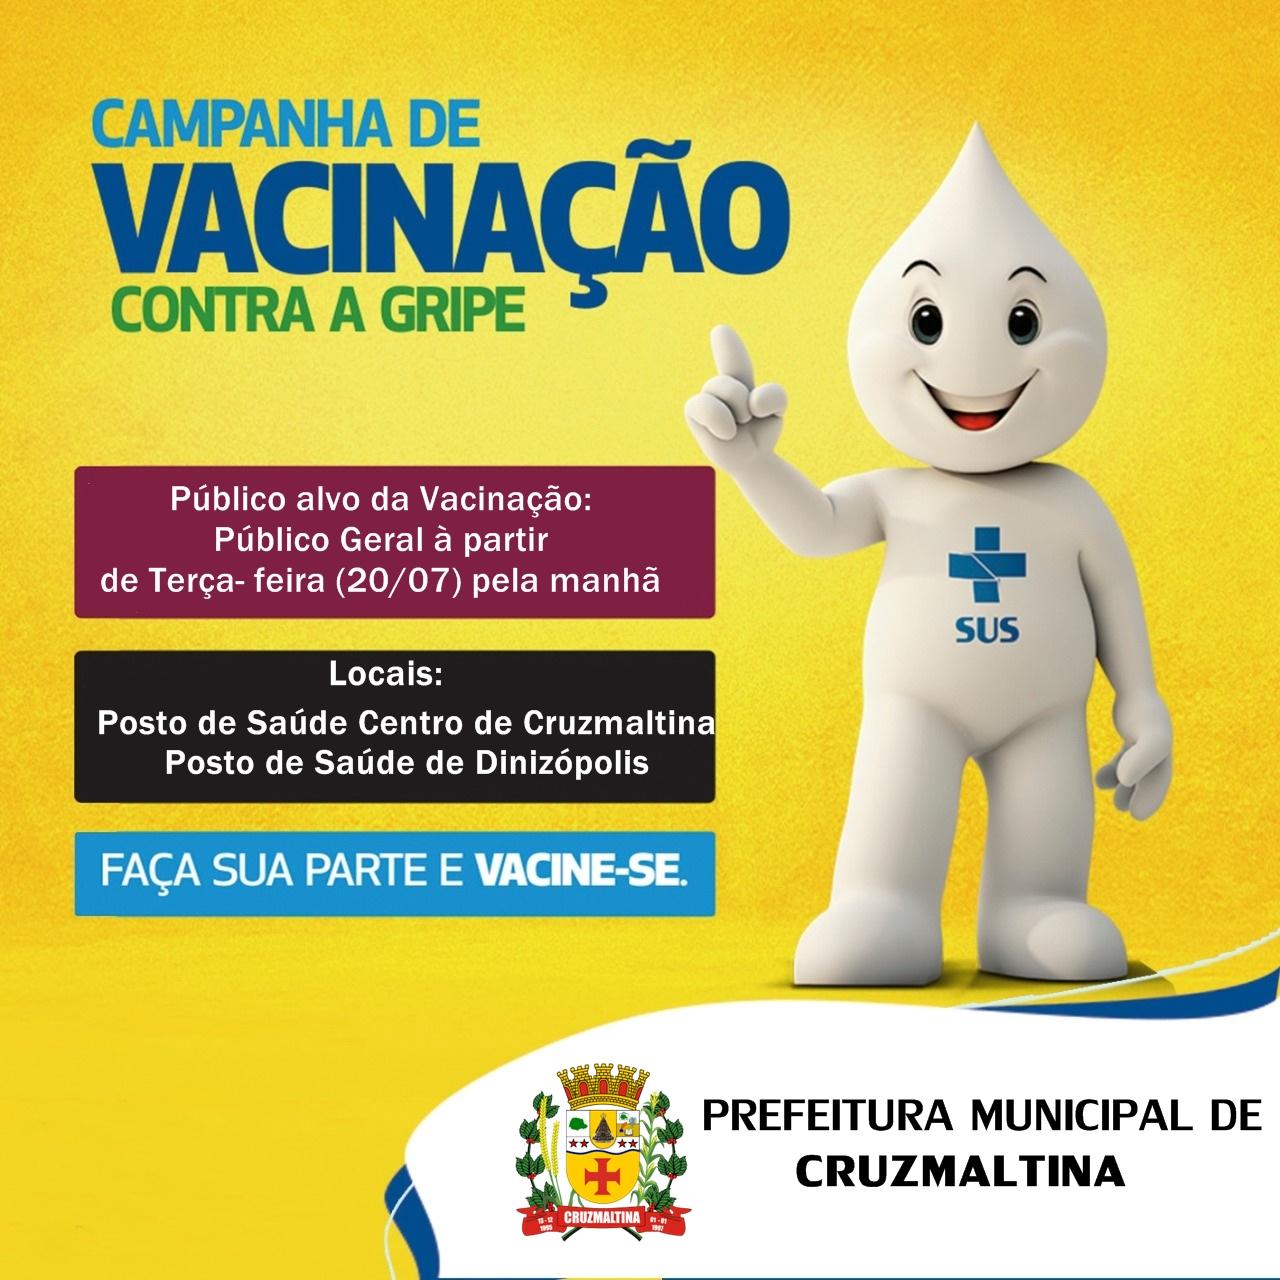 Campanha Vacinação Gripe -Cruzmaltina